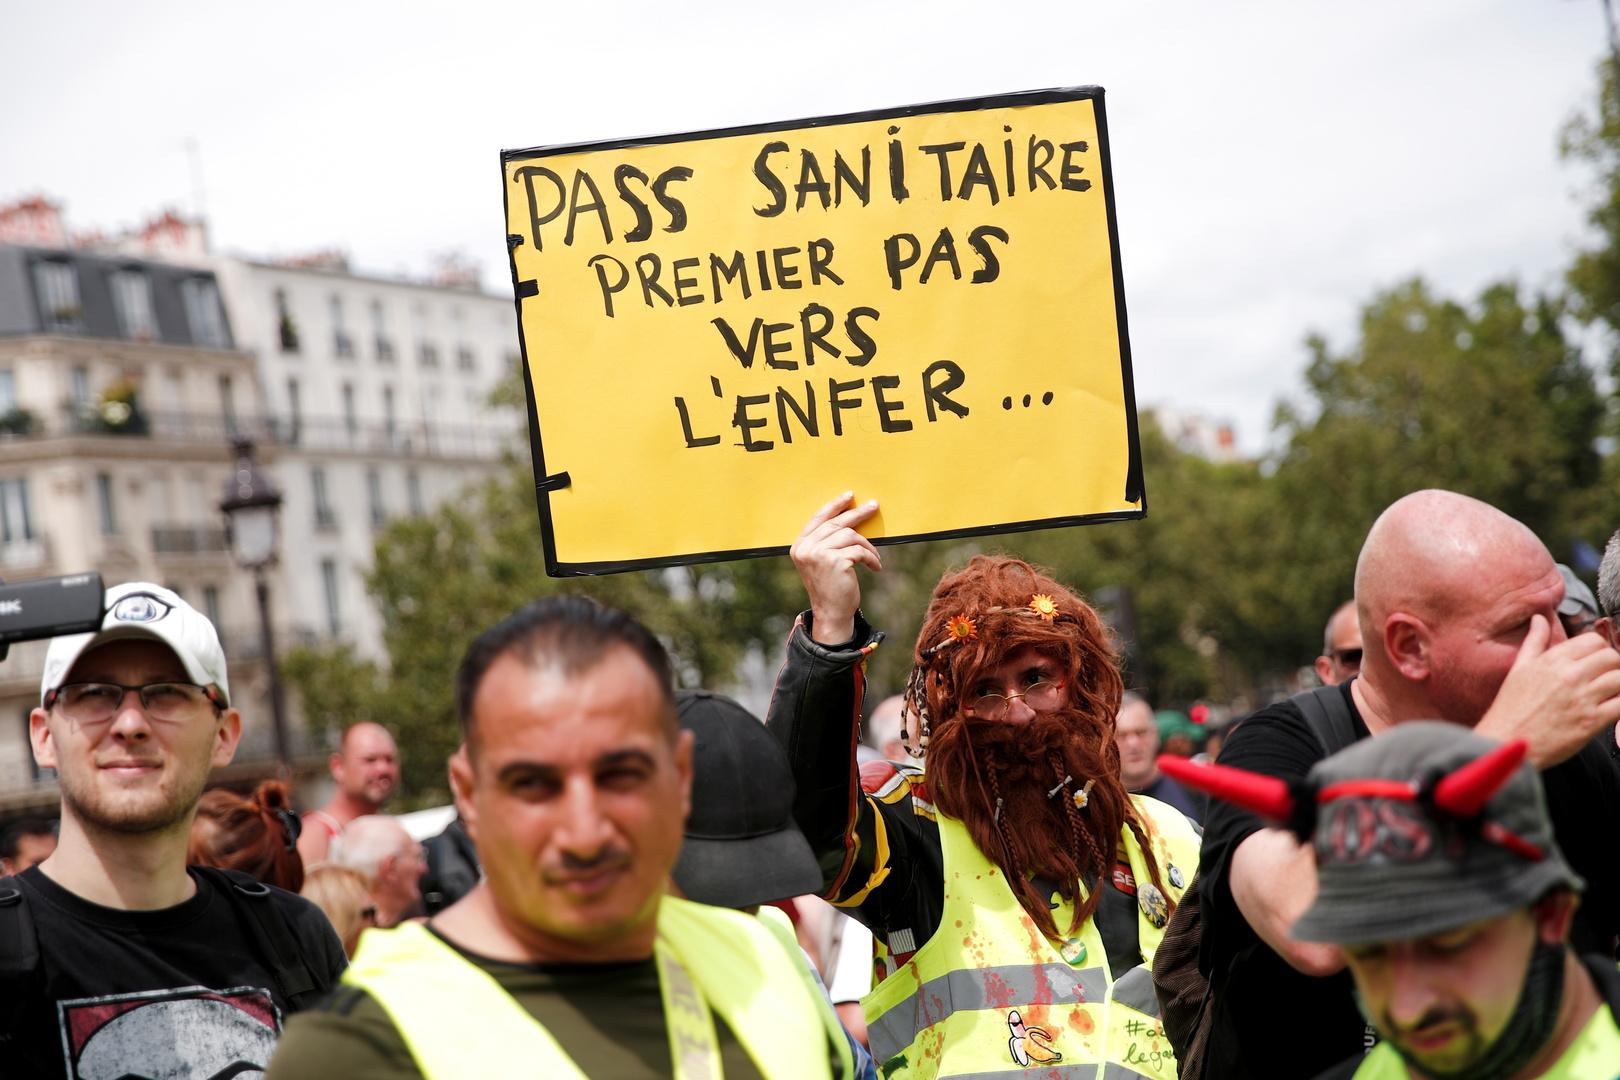 احتجاجات في فرنسا تنديدا بتوسيع تطبيق